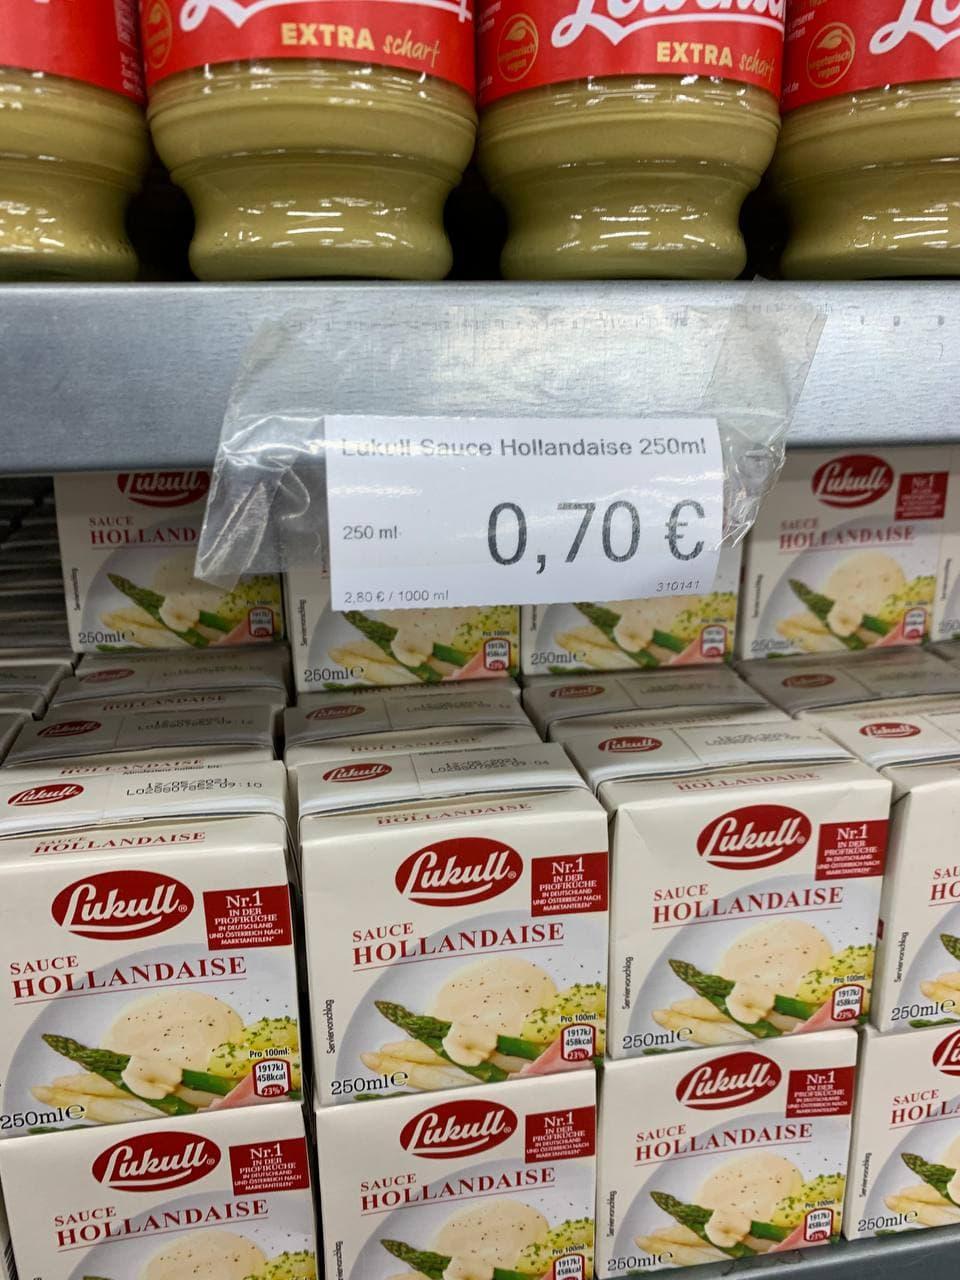 [Lokal Krefeld] Lukull Sauce Hollandaise 250ml // Kaas Frischedienst